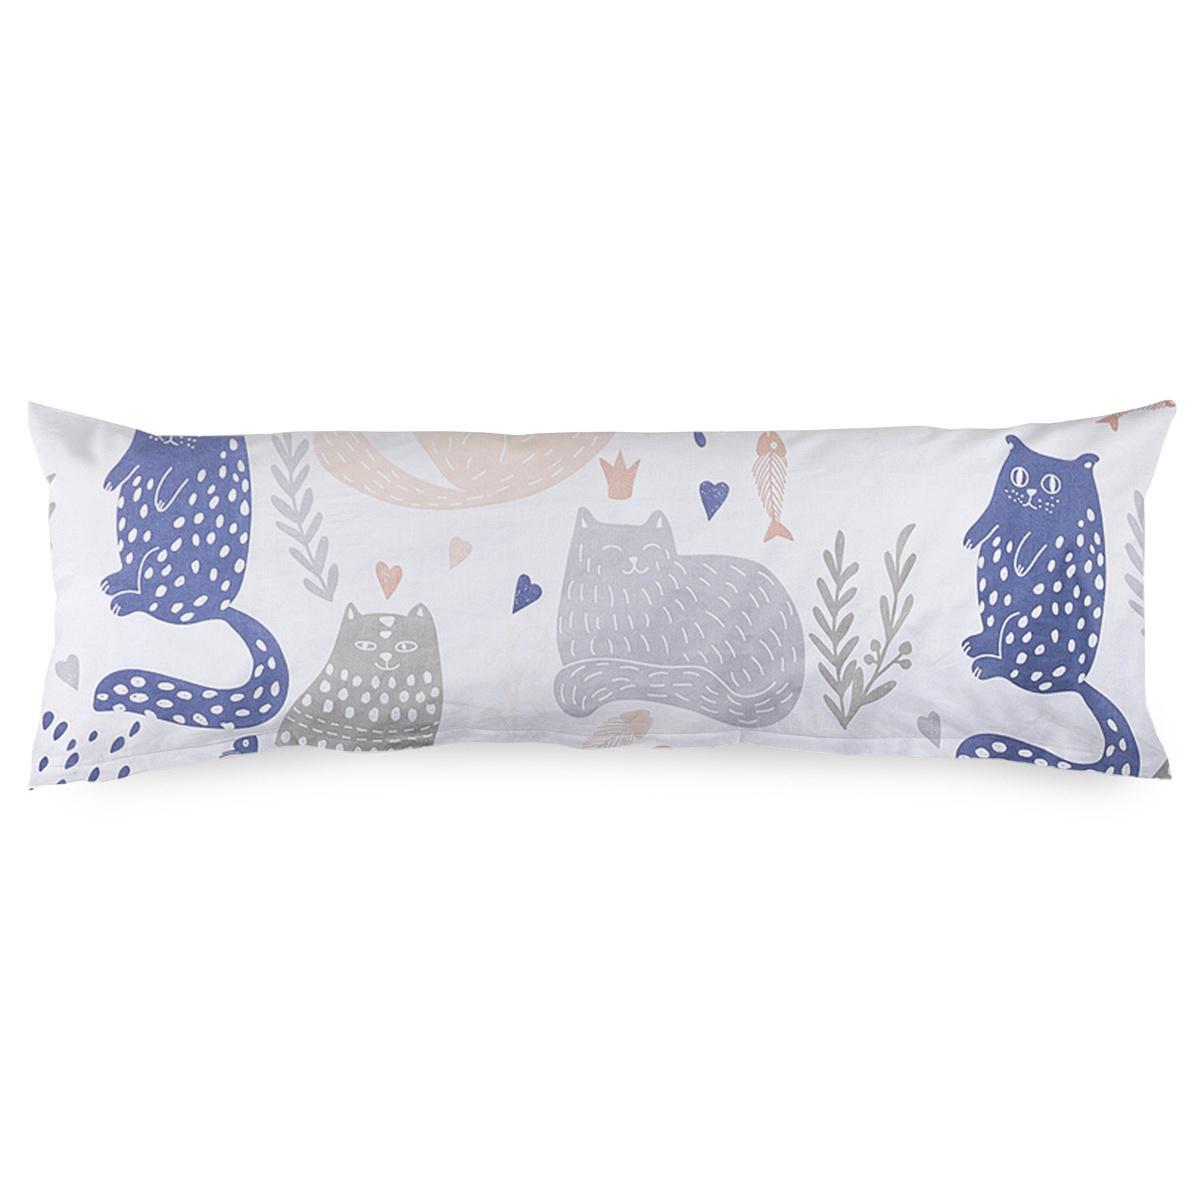 4Home Povlak na Relaxační polštář Náhradní manžel Nordic Cats, 55 x 180 cm